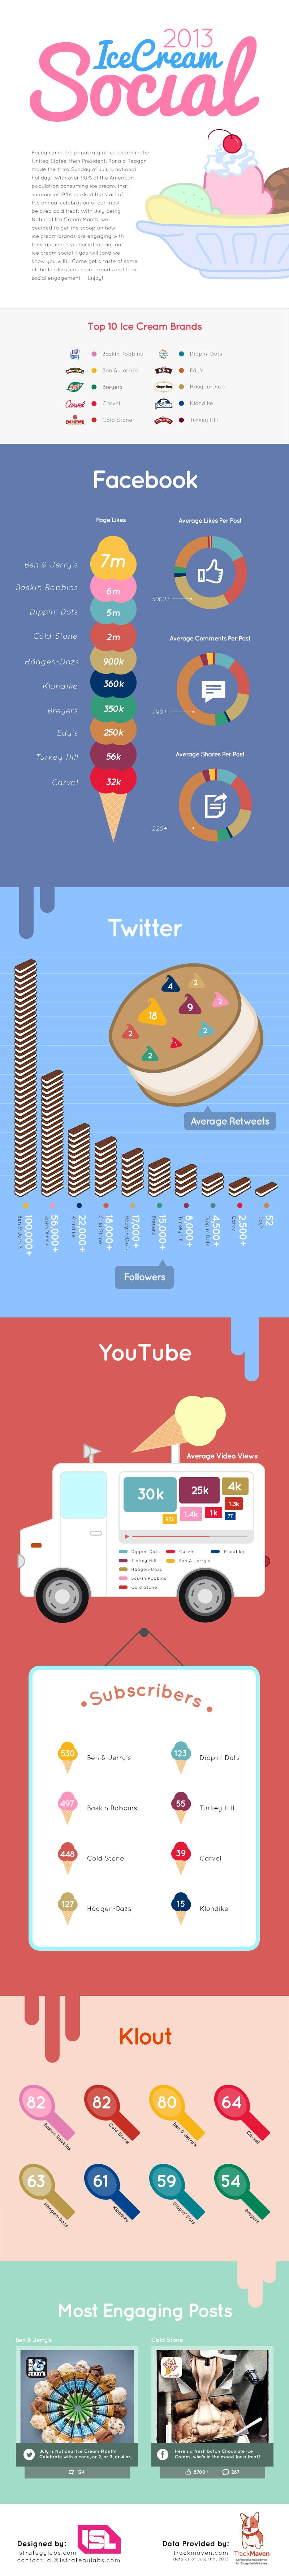 Brands-in-Social-Media